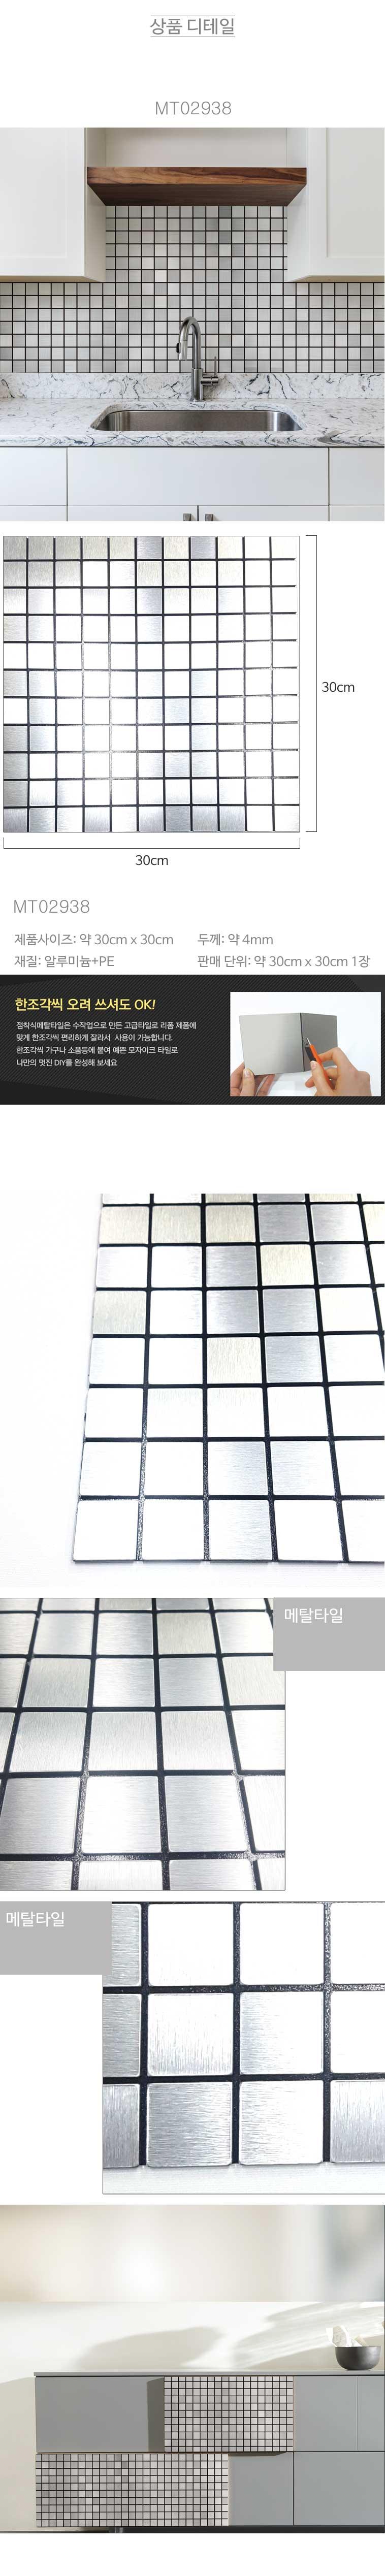 접착식 붙이는 알루미늄 메탈타일 실버 에람 - 마이월플레이즈, 5,200원, 장식/부자재, 벽장식